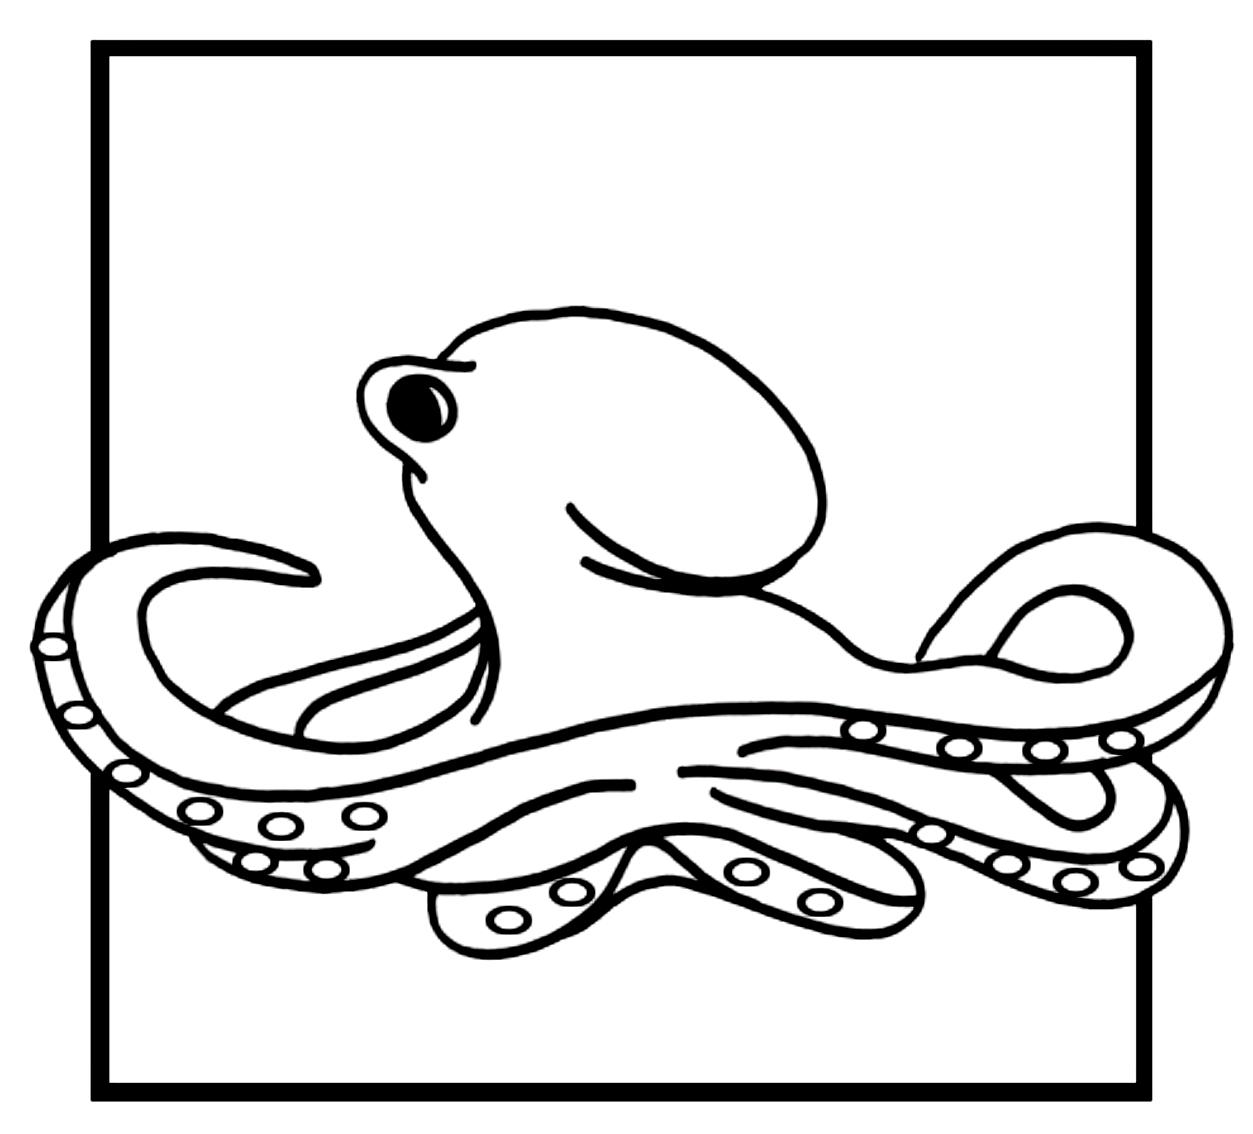 Coloriage13desOctopodes imprimeretcolorier